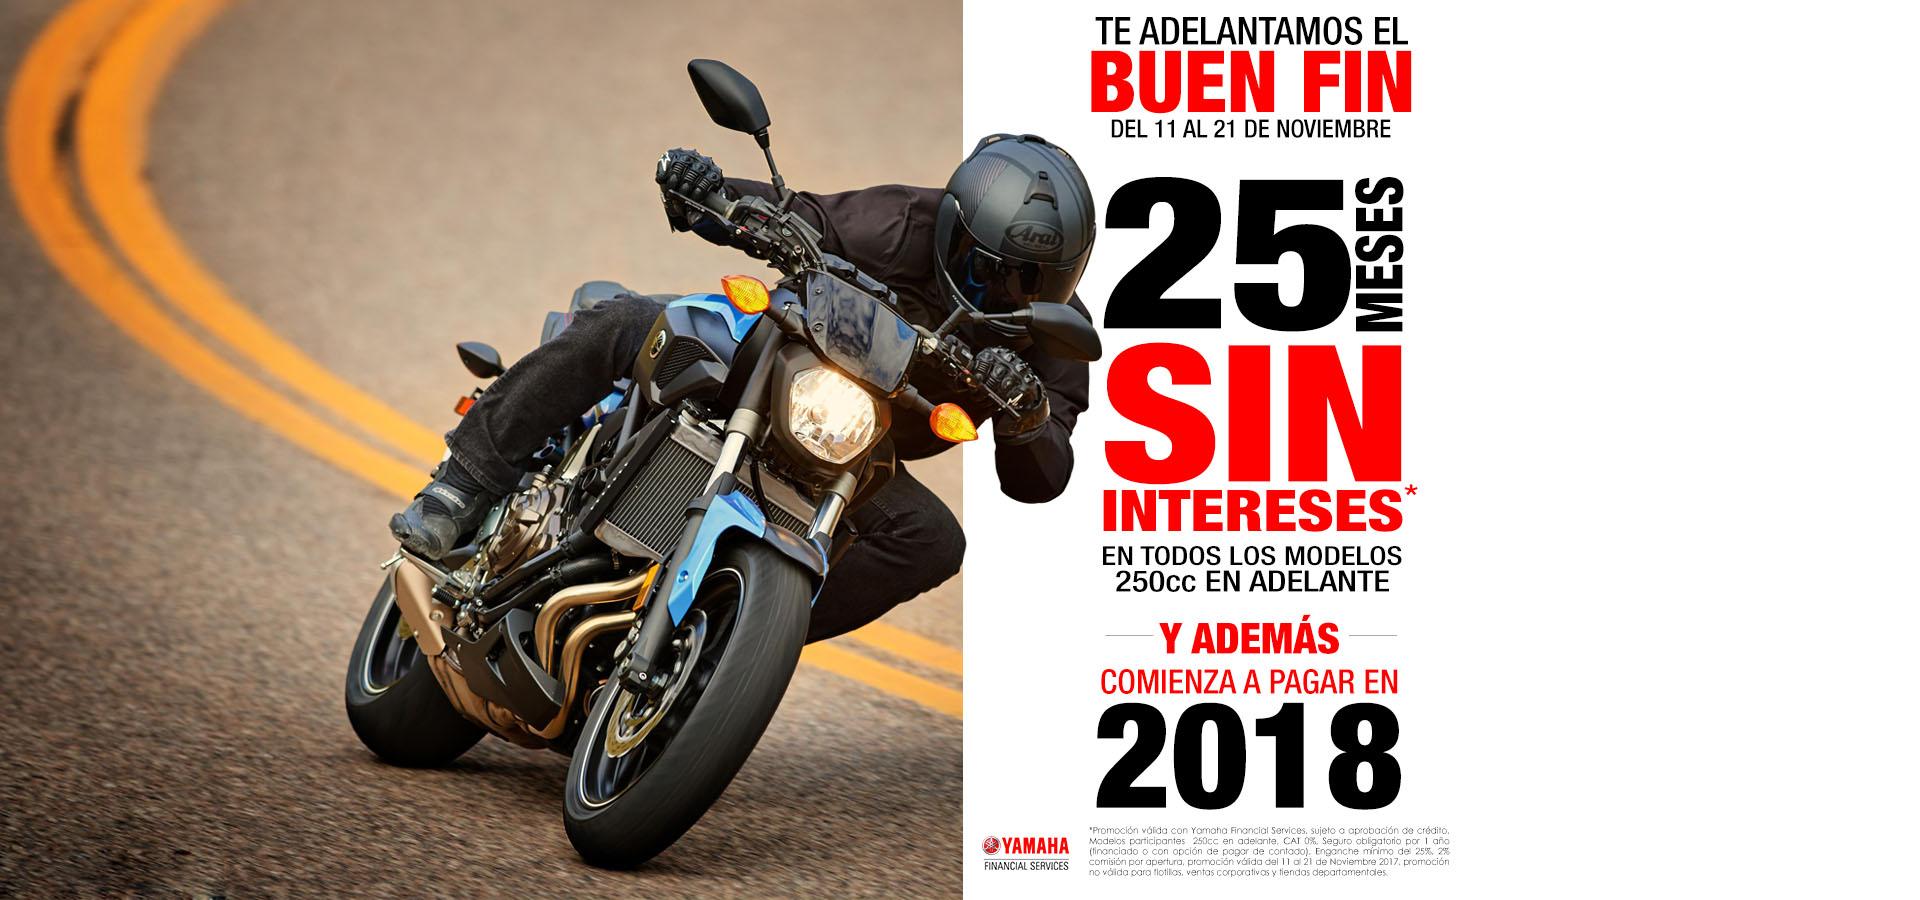 Ofertas Buen Fin 2017 Yamaha: 25 MESES SIN INTERESES  para modelos 250 CC en adelante con 25% de enganche.